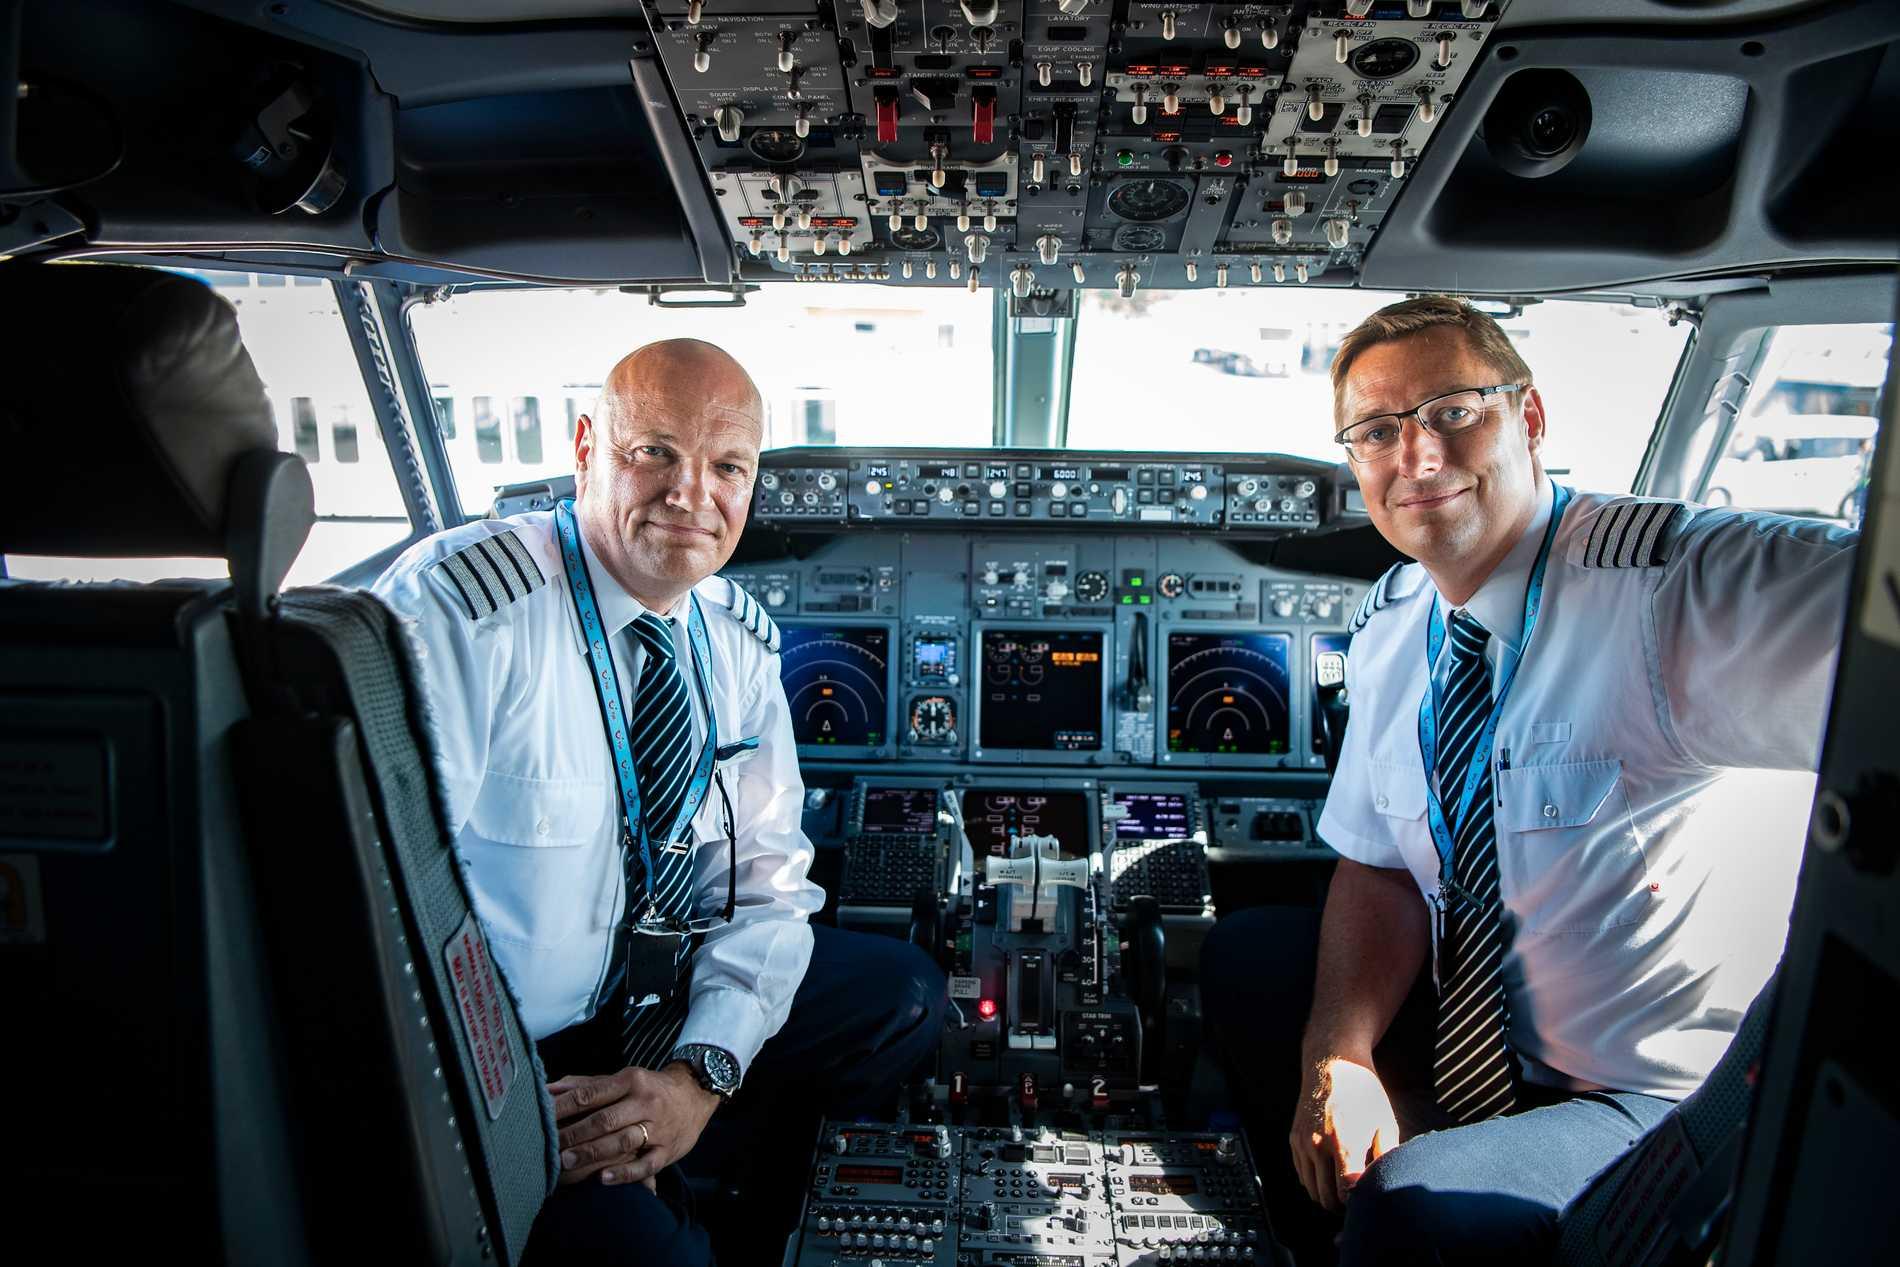 Kaptenerna Johan Von Bahr och Fredrik Karlsson med leenden på läpparna efter att äntligen vara tillbaka i luften.